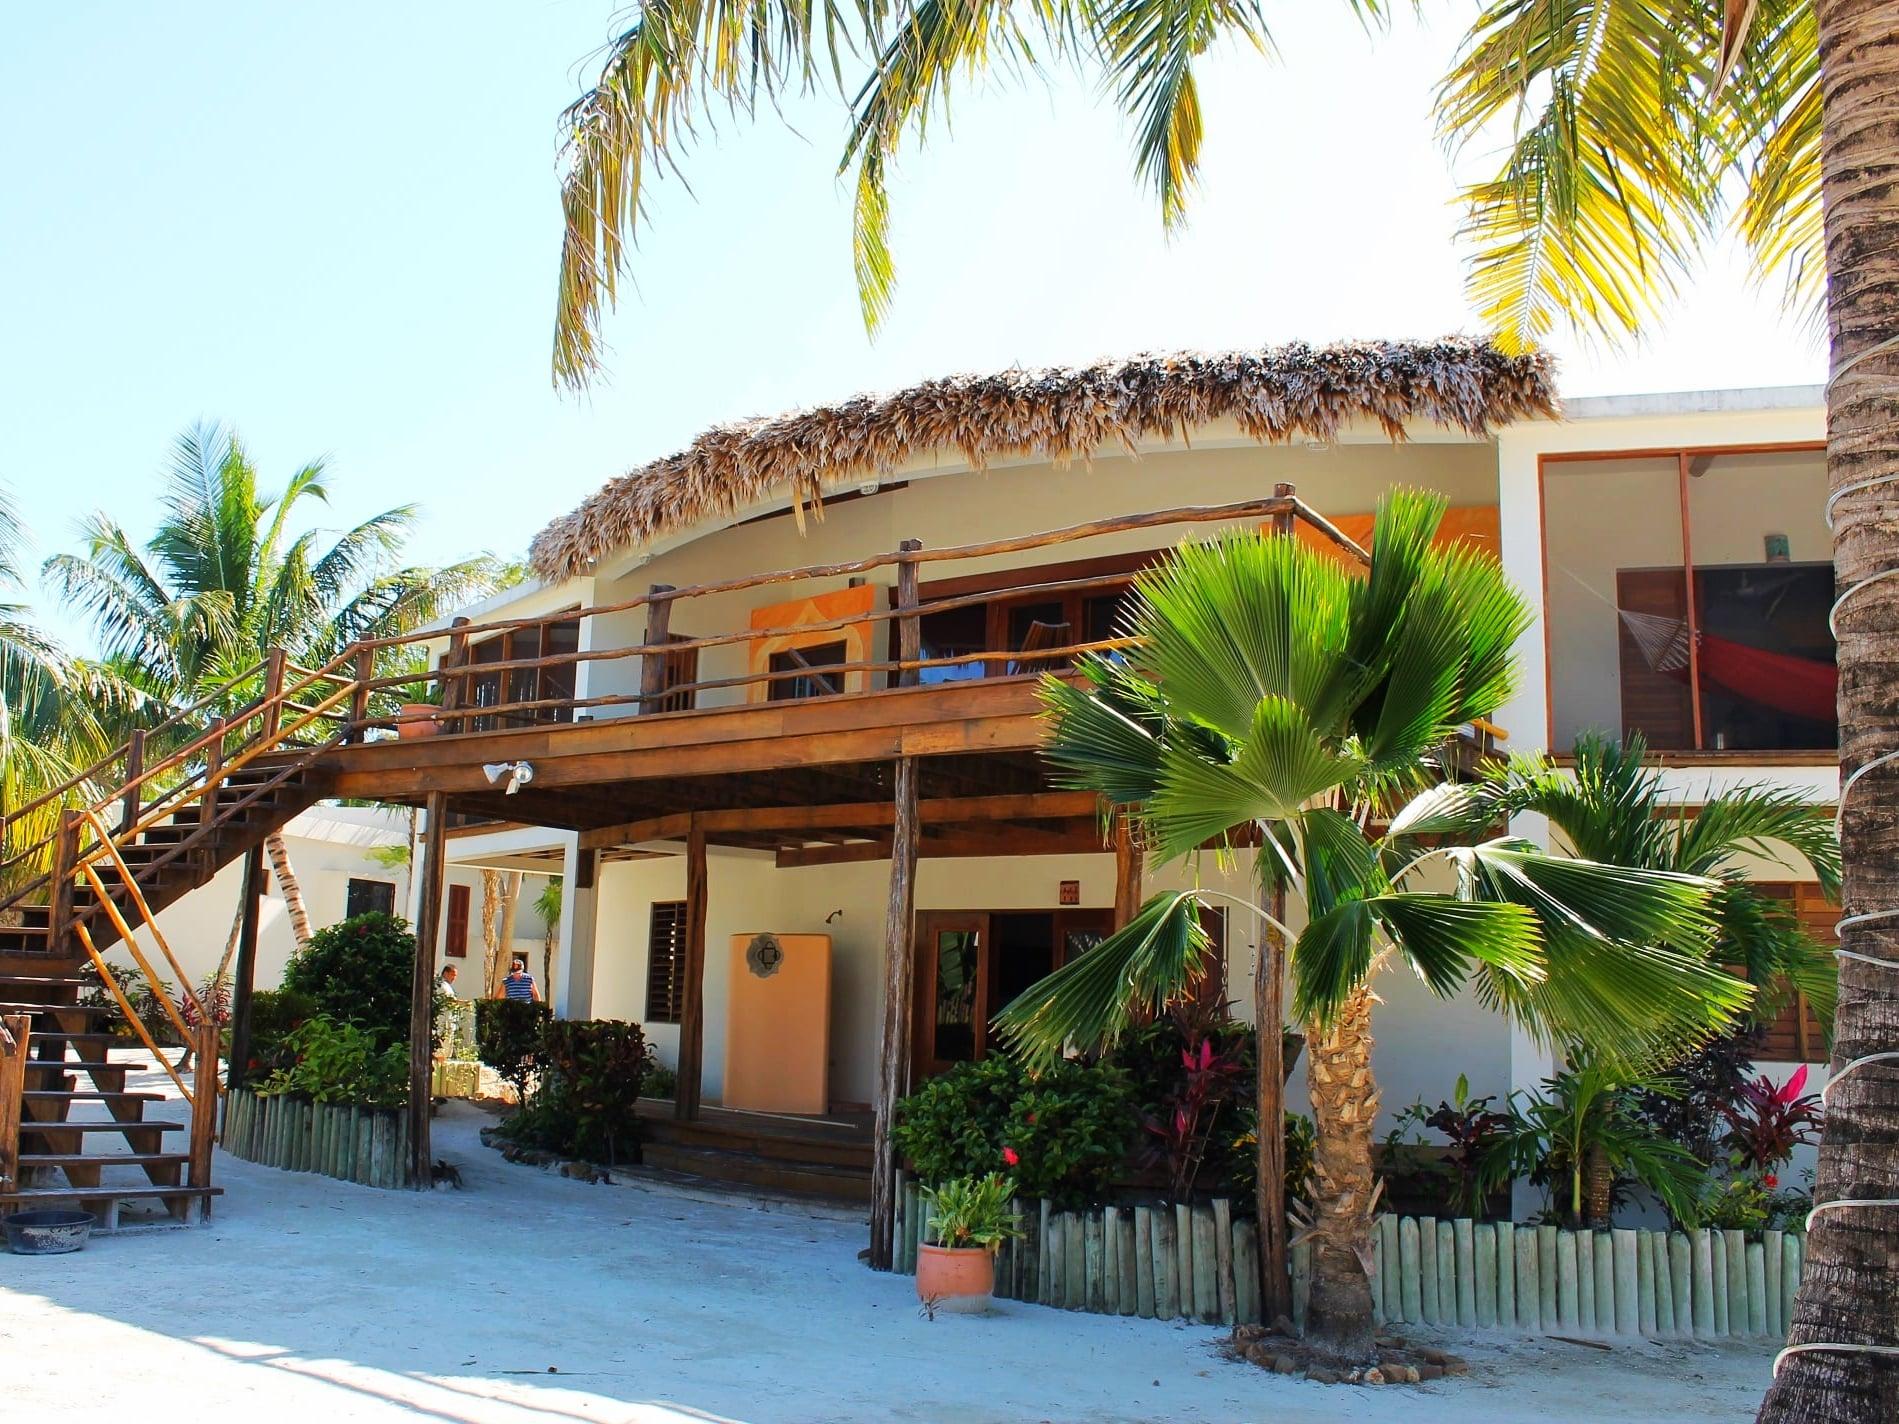 La Perla Del Caribe Vacation Villas, Ambergris Caye, Belize